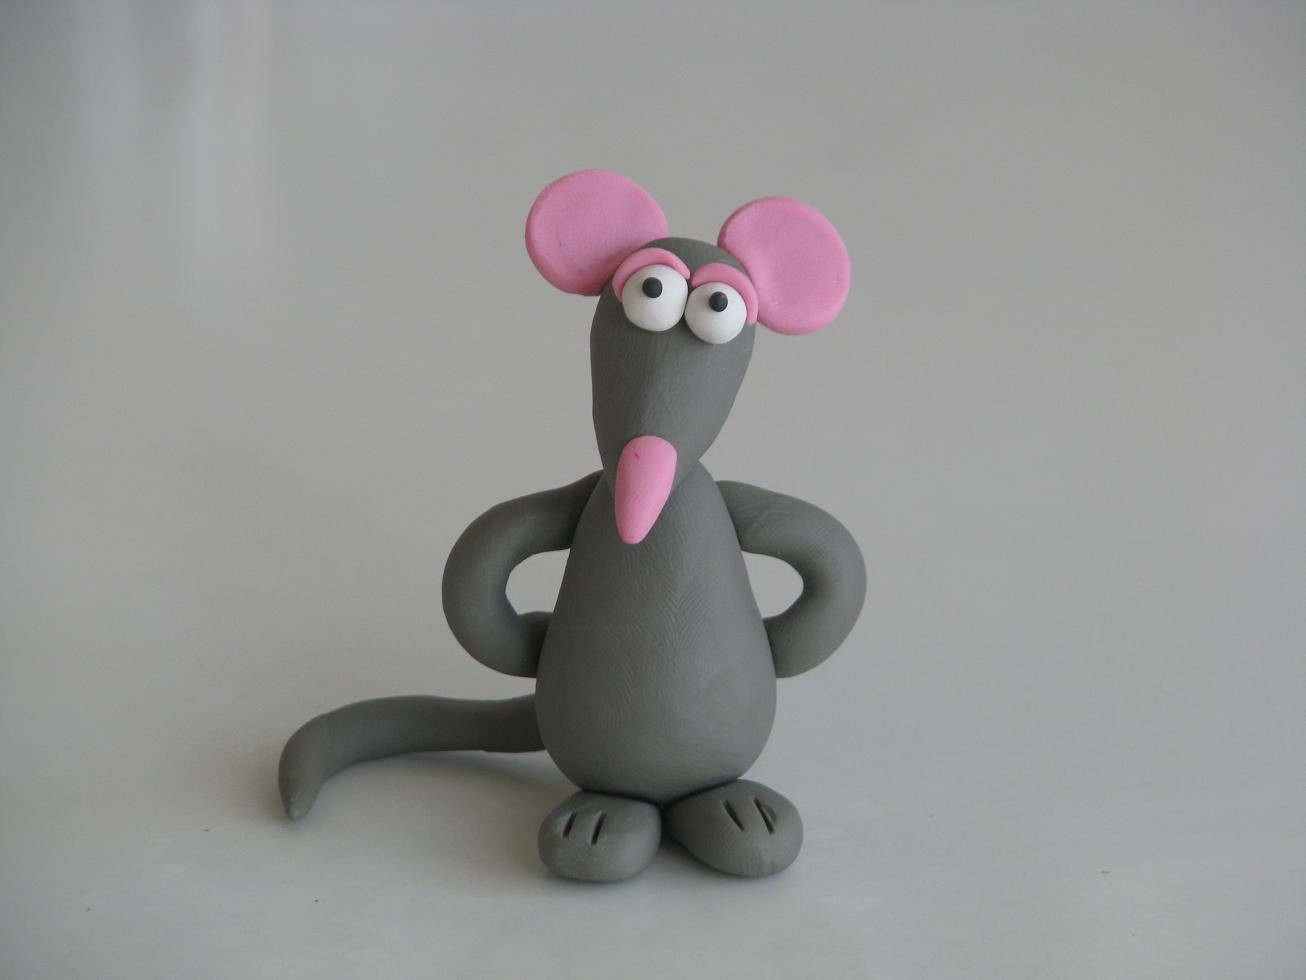 עכבר מפלסטלינה